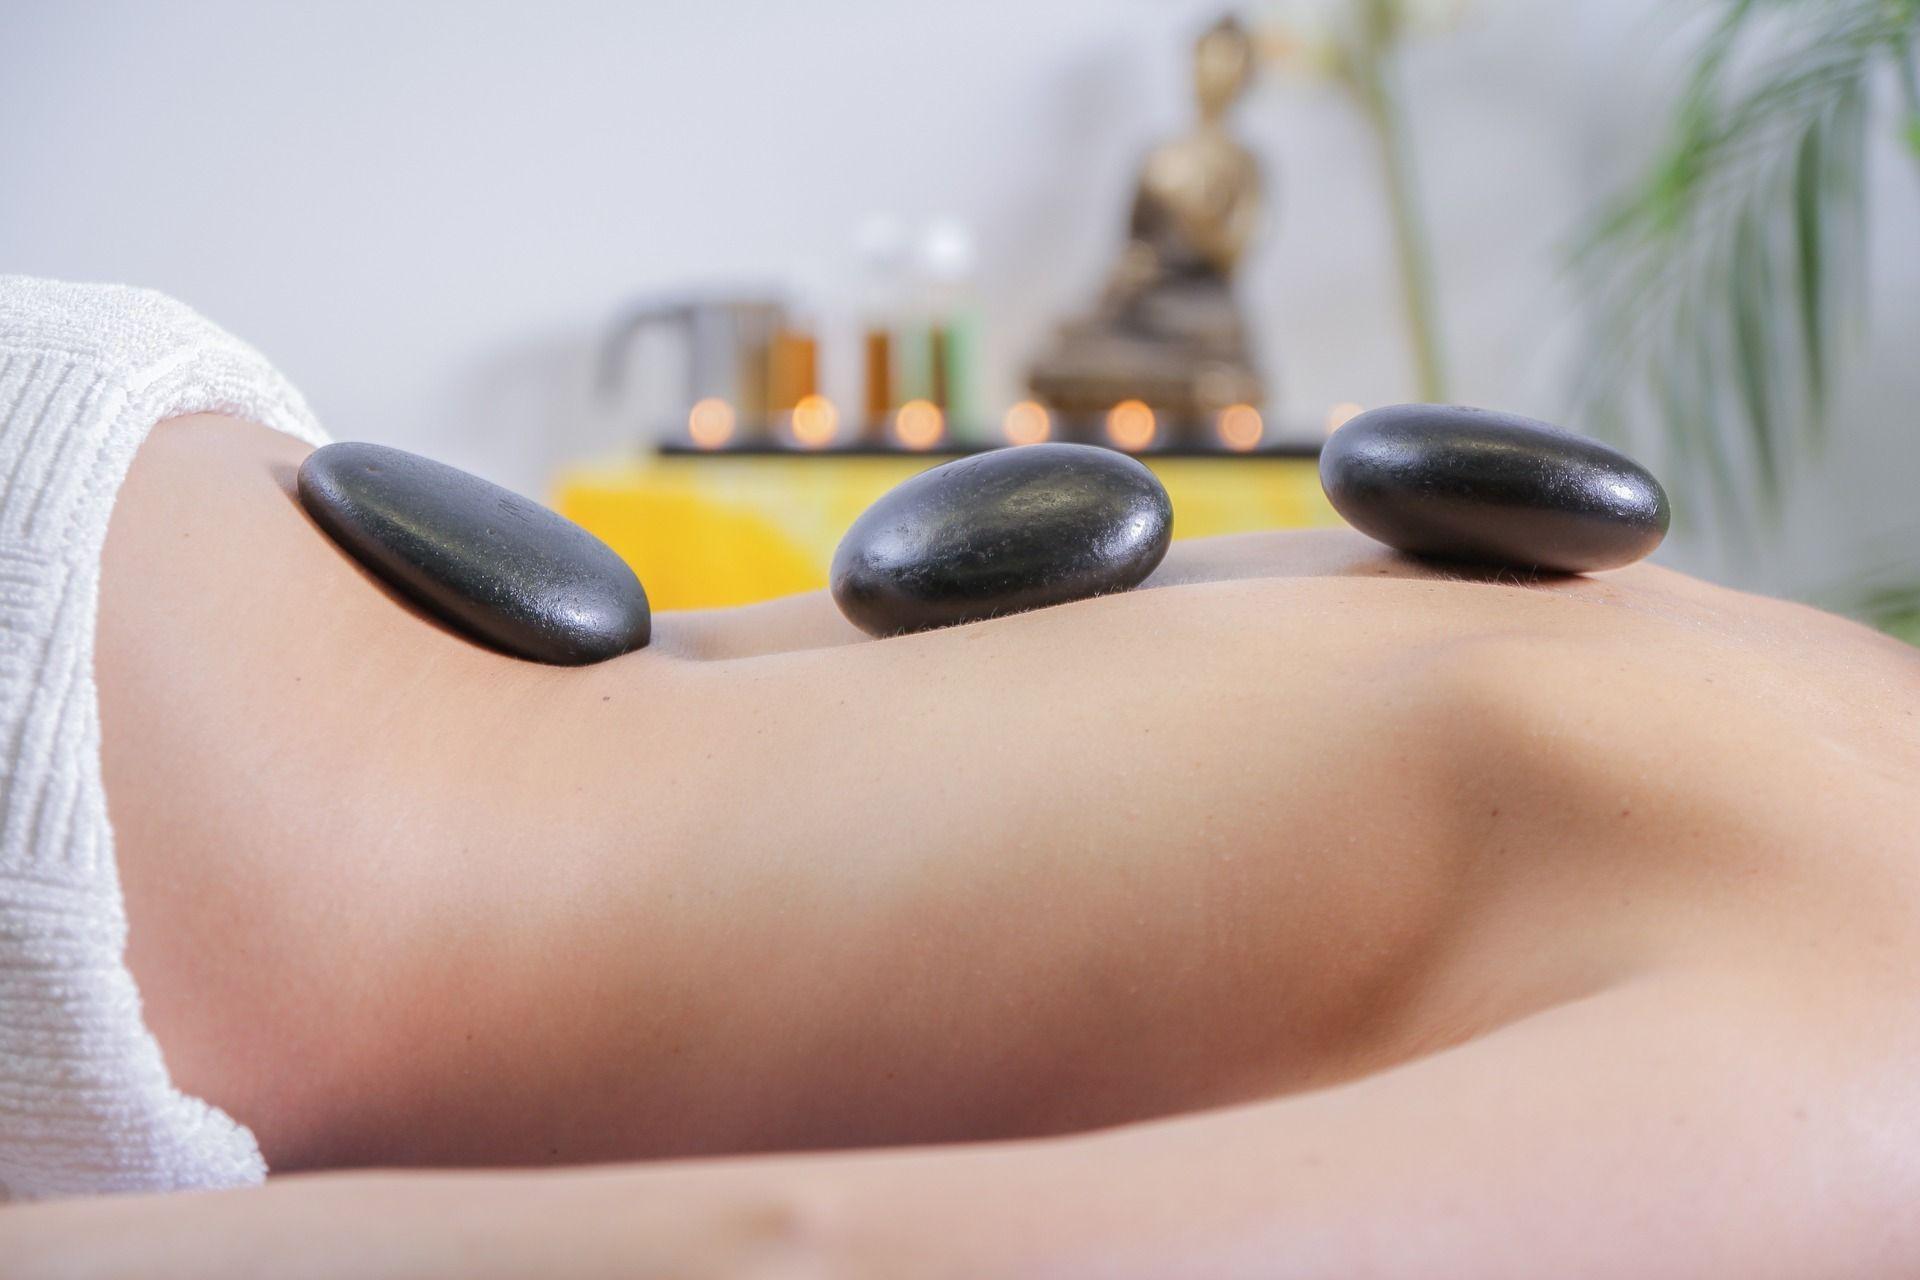 bordel jylland siam massage ikast